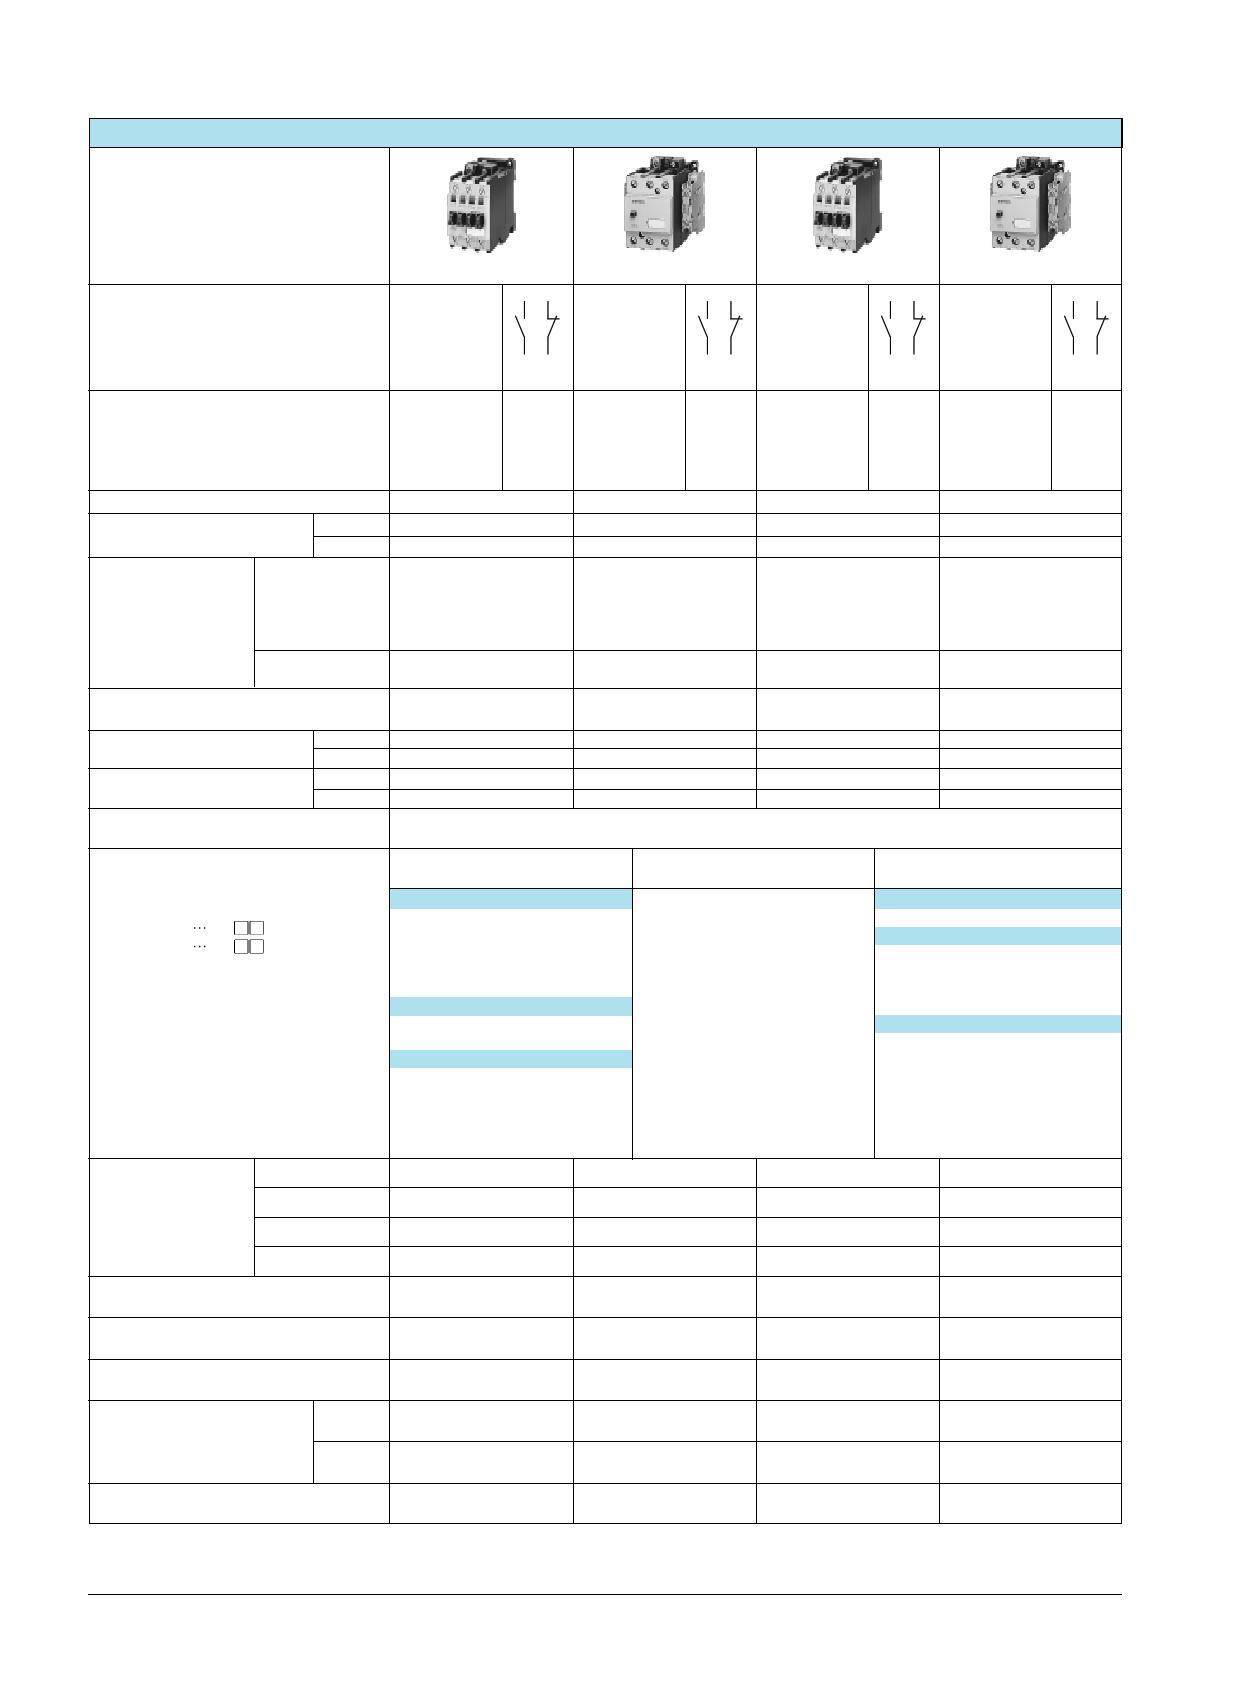 3TF55 pdf, 電子部品, 半導体, ピン配列